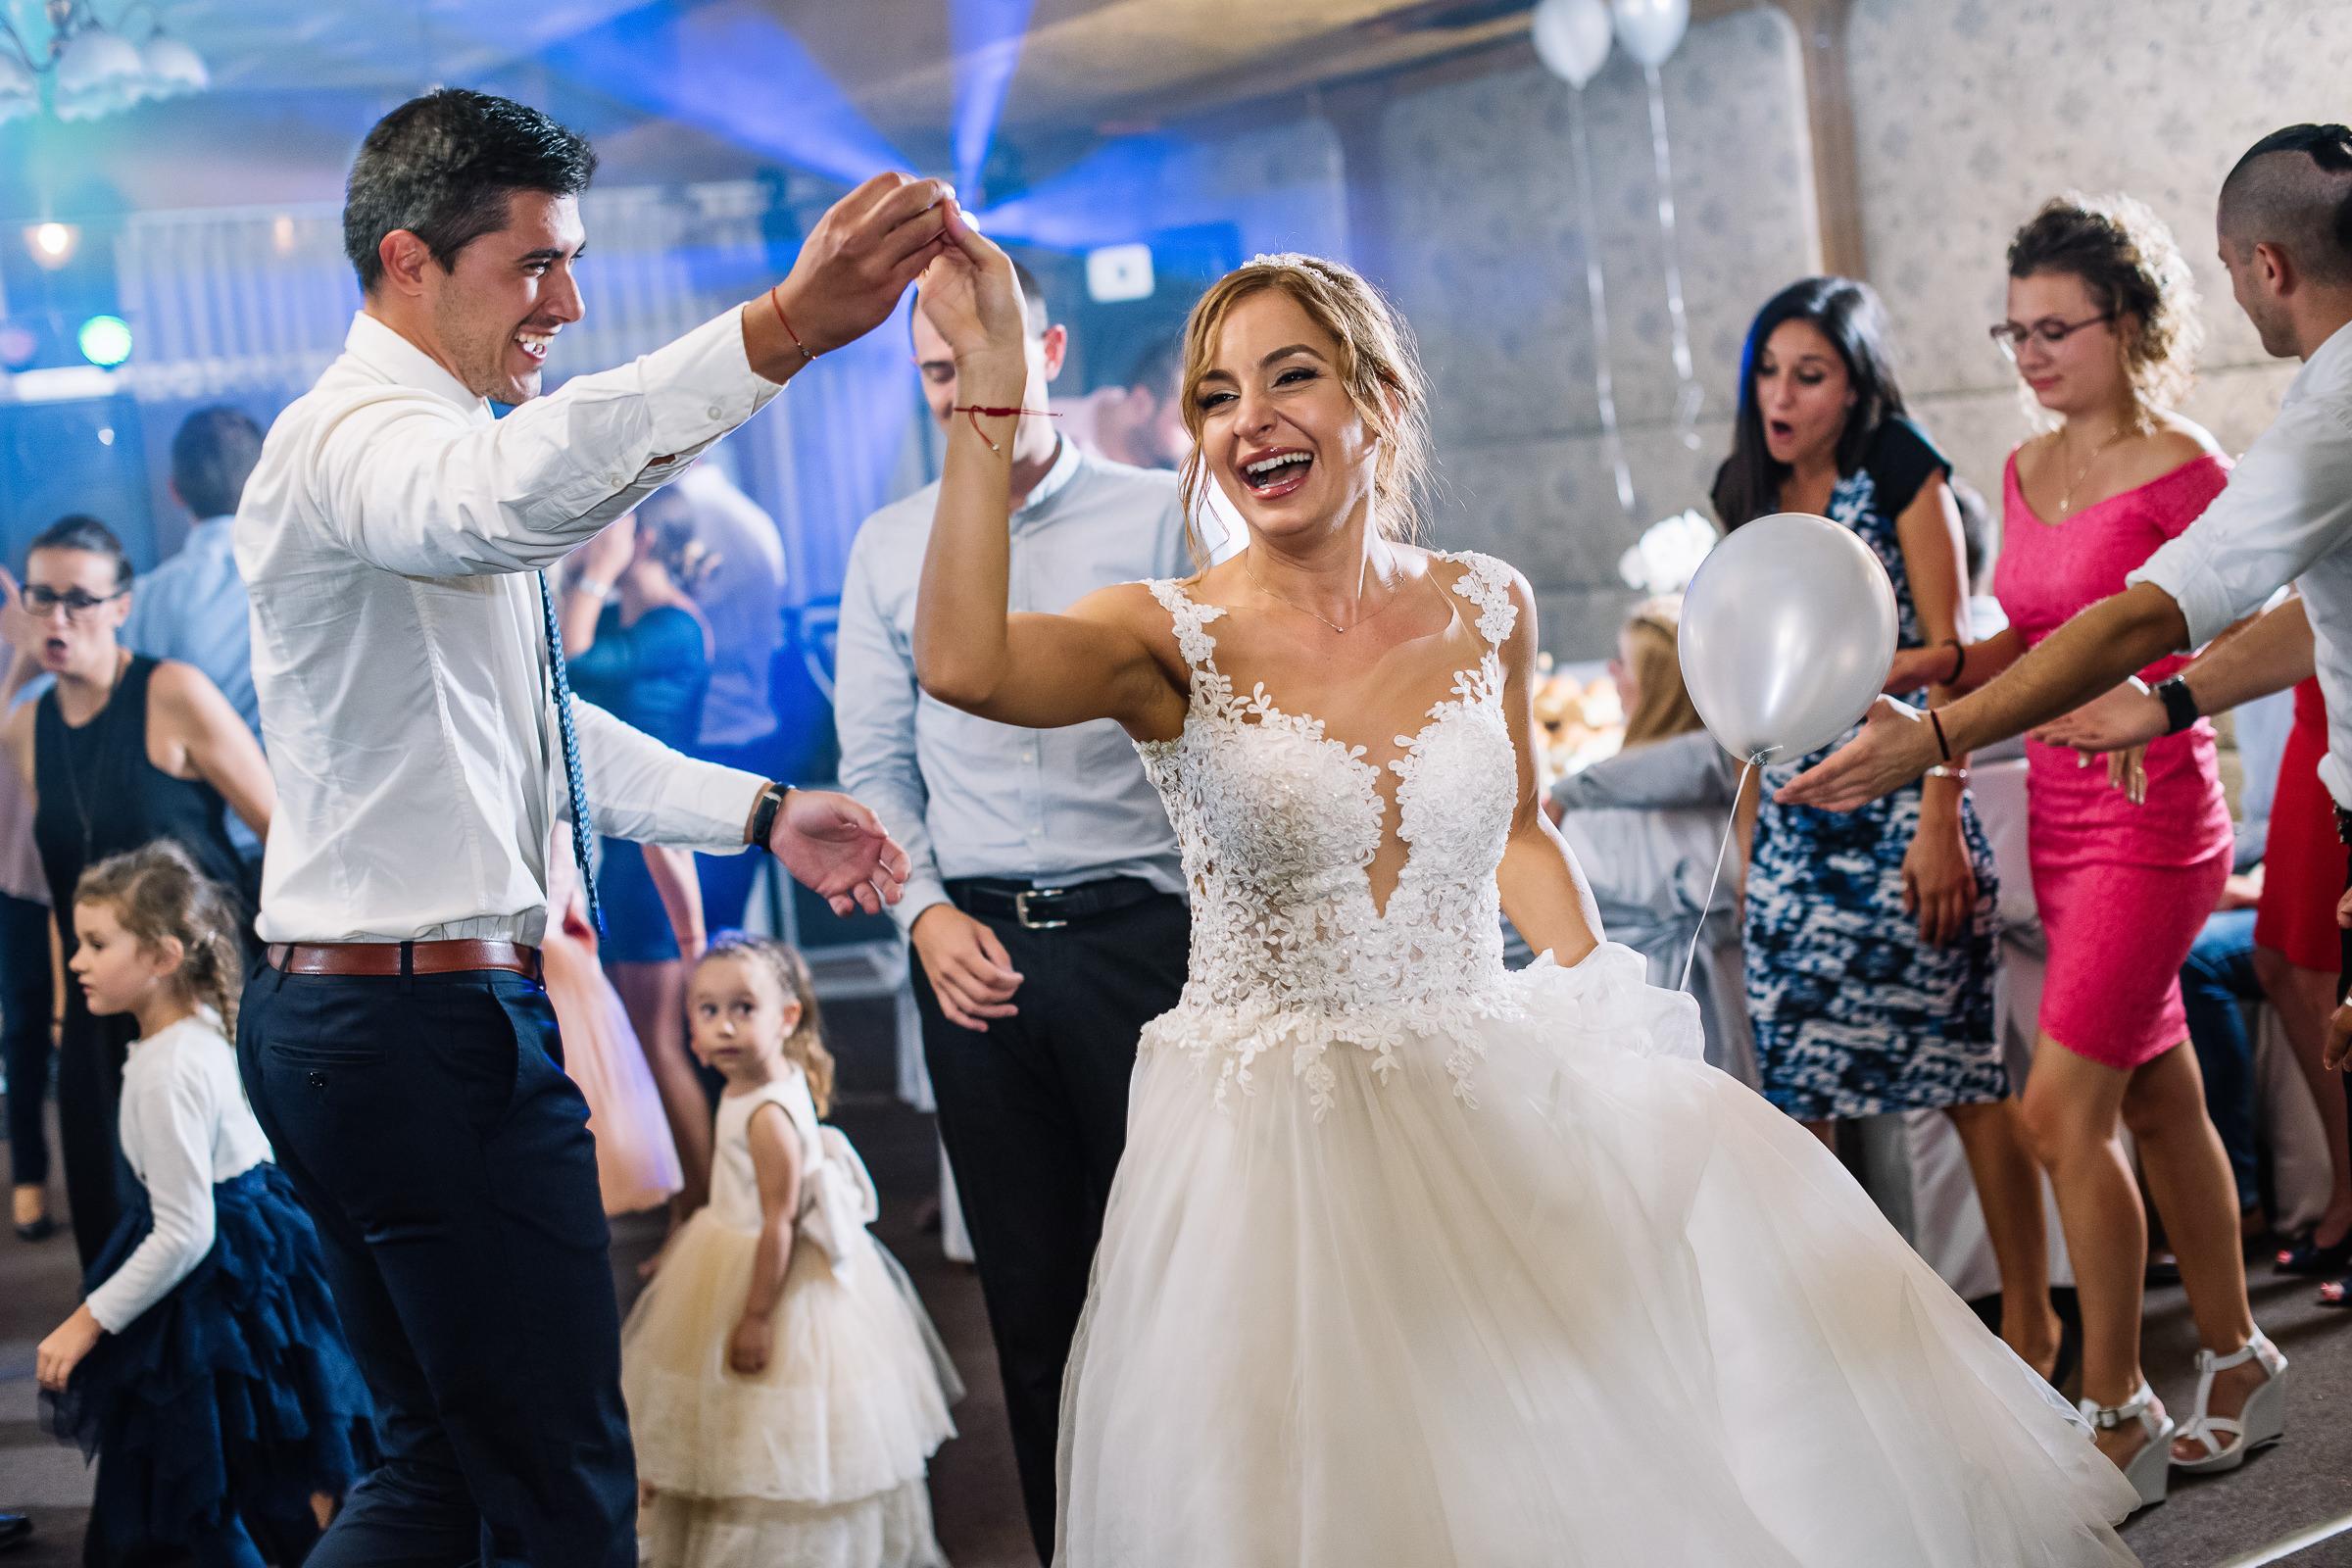 bride and groom dancing at reception party- photo by Deliysky Studio